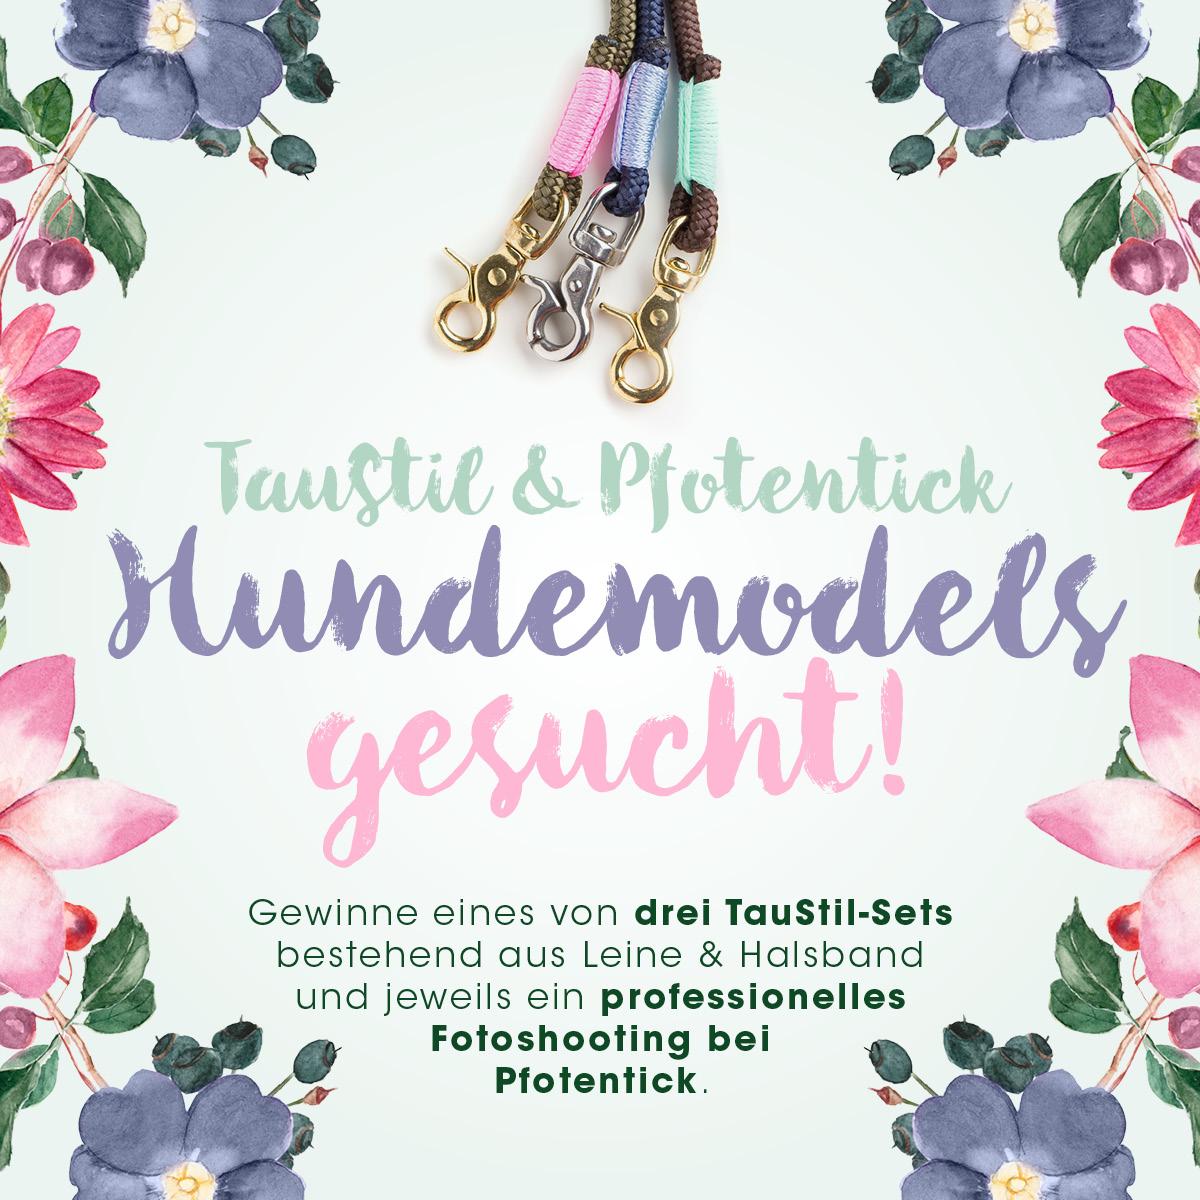 Pfotentick TausStil Gewinnspiel Blog